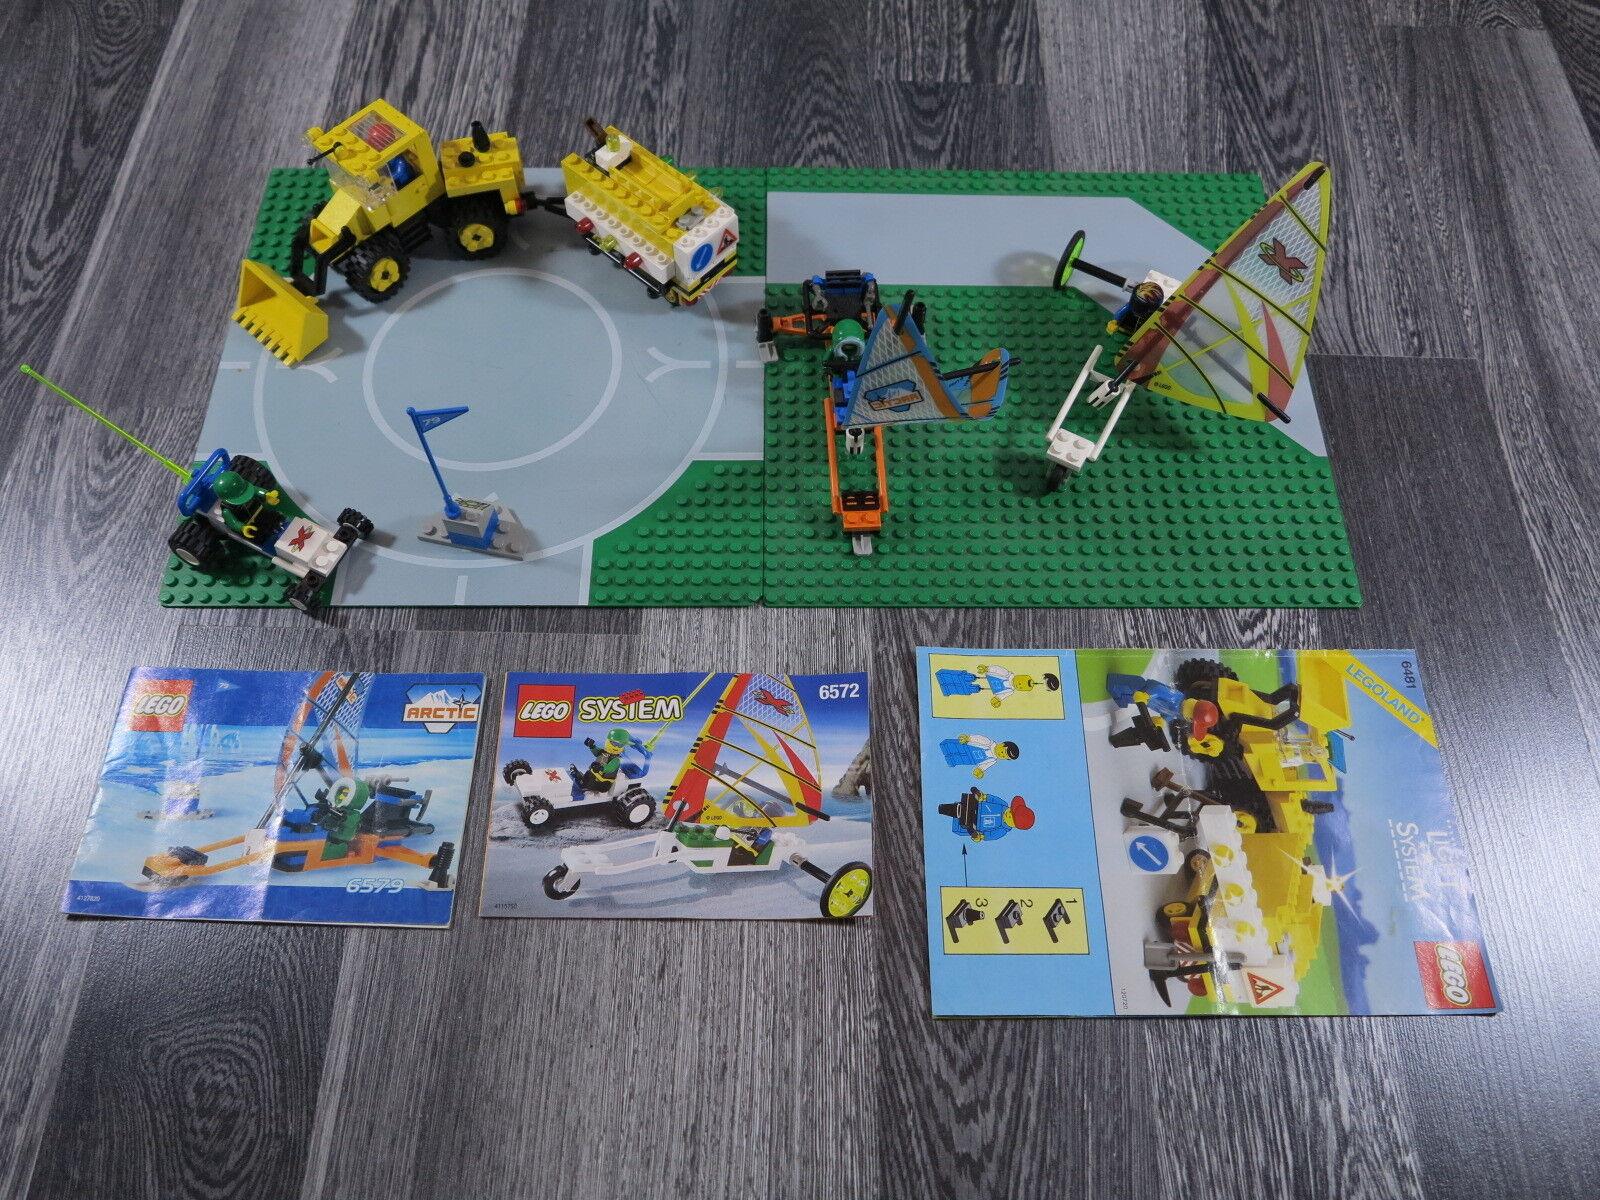 LEGO LEGOLAND 6481,6579,6572 Leit+Sound Baustelle, Bagger, Radlader 2-St.Platten